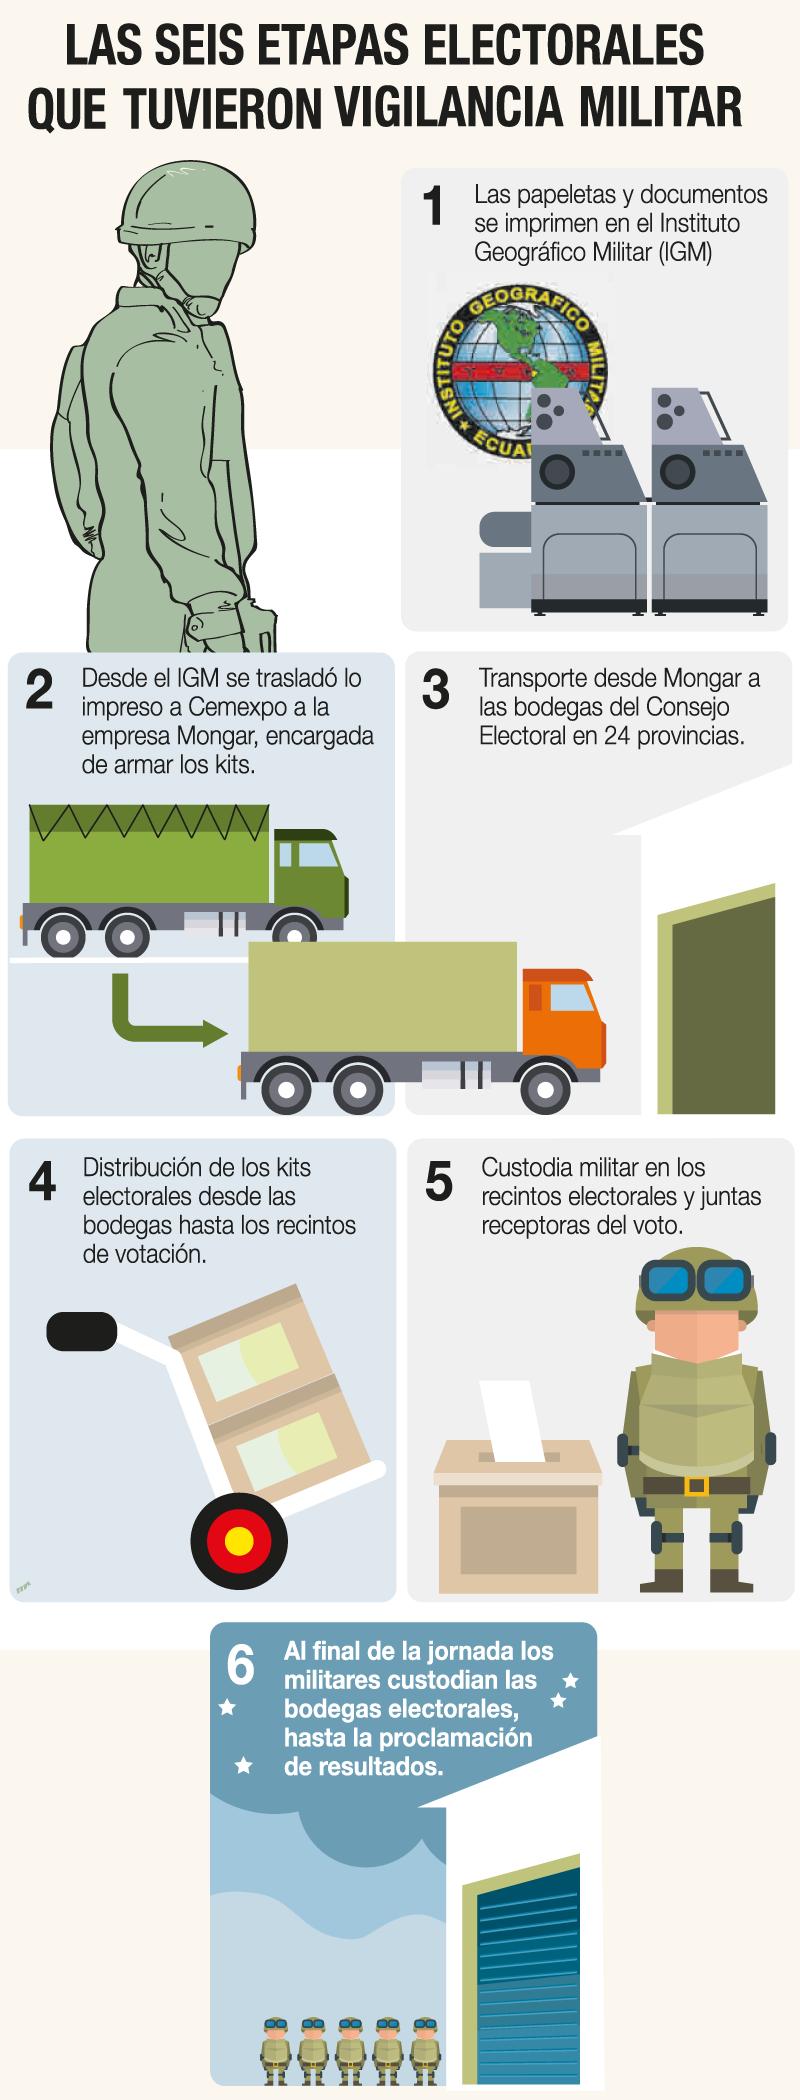 Vigilancia Militar